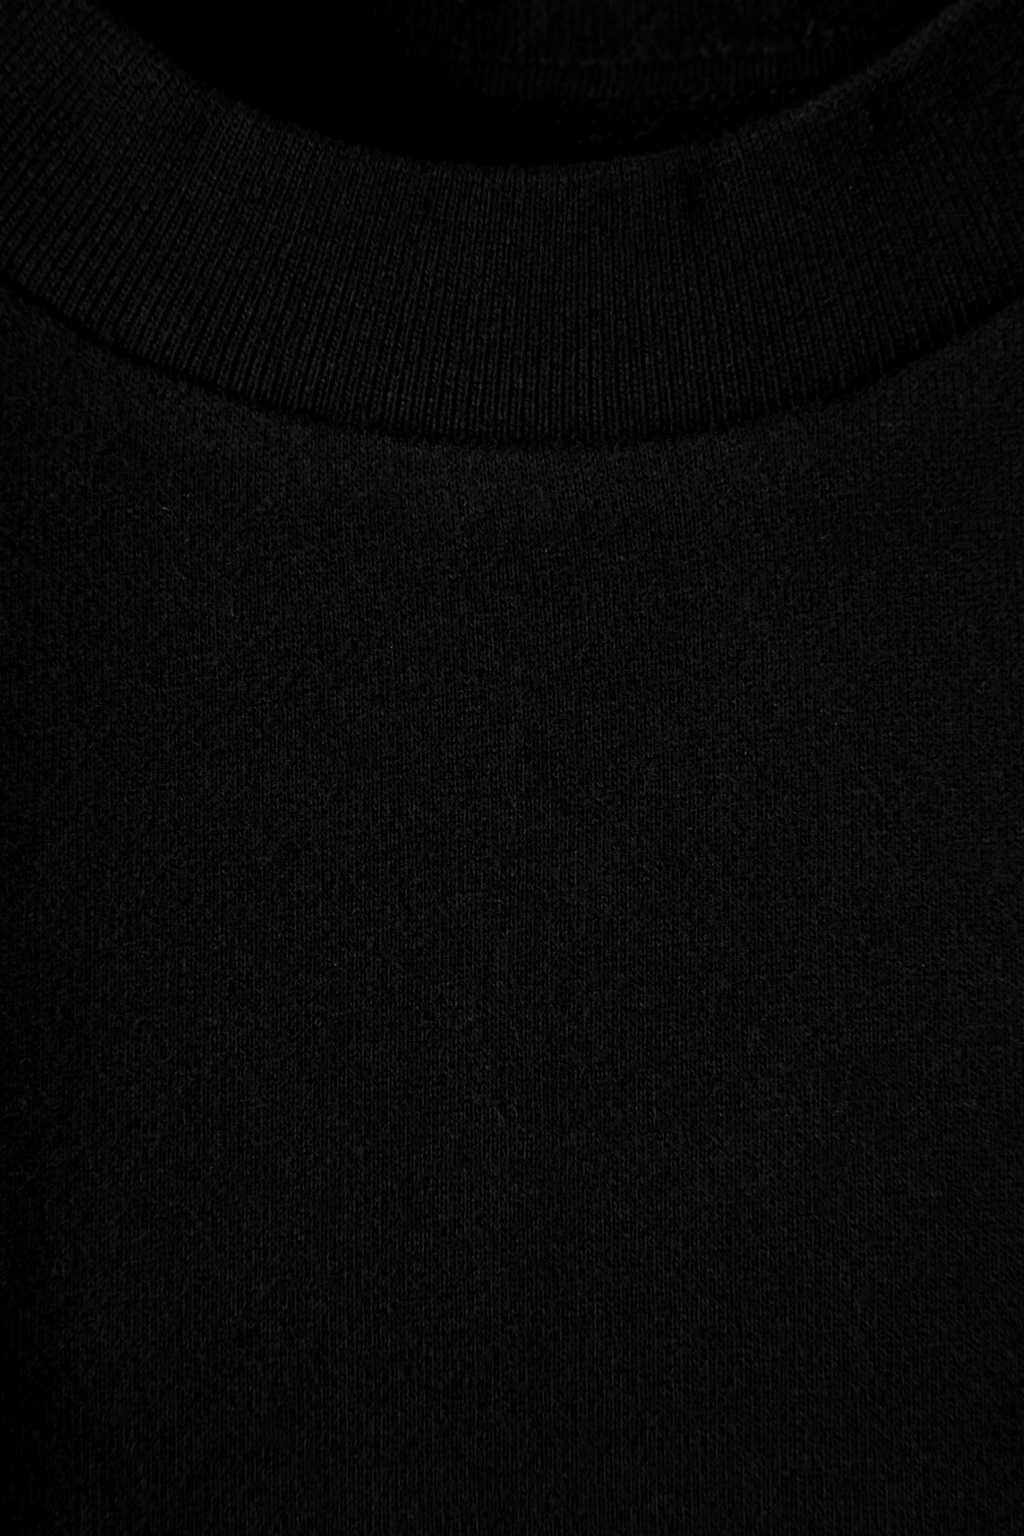 TShirt 2653 Black 8